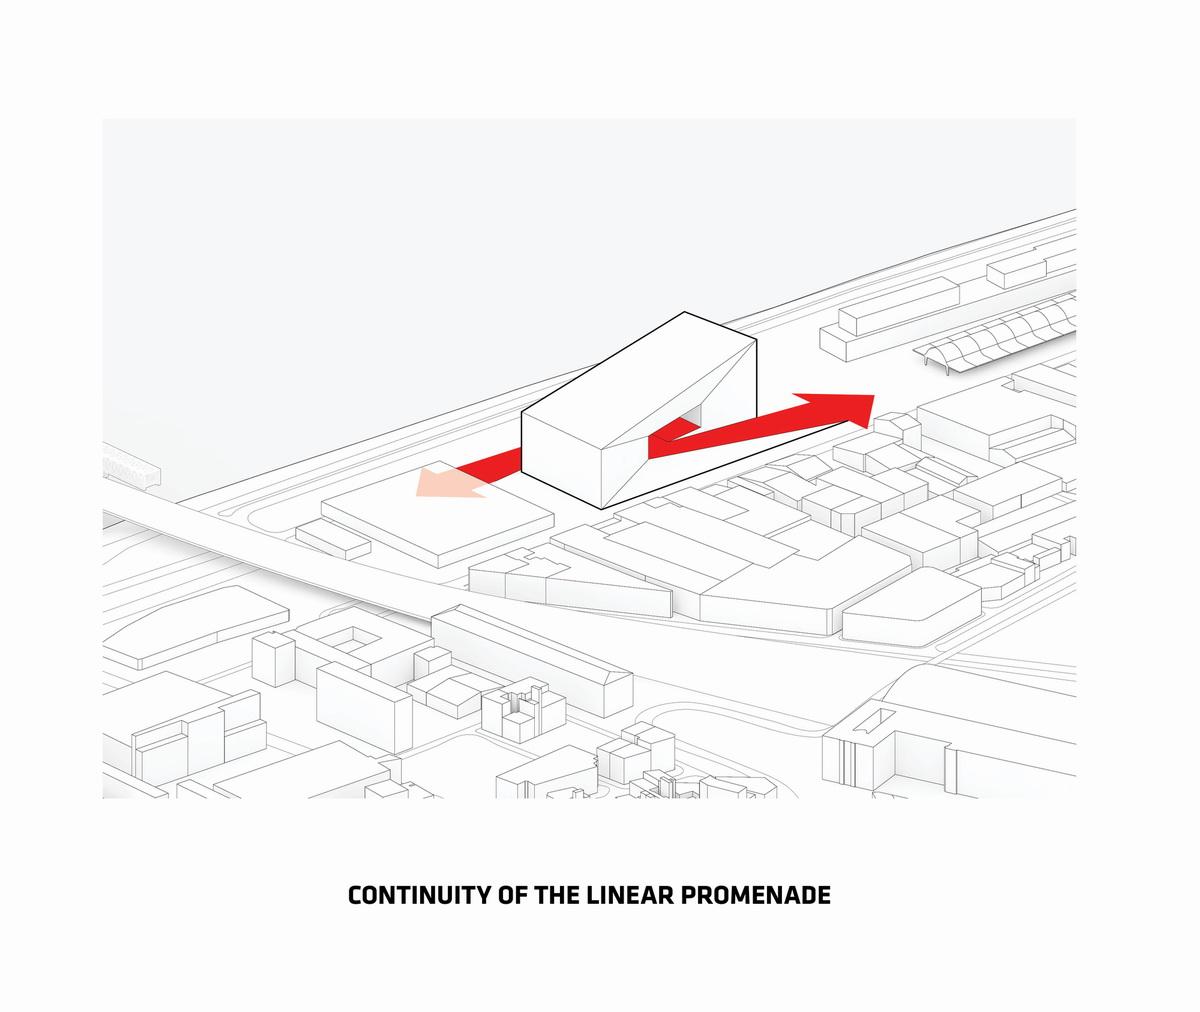 MÉCA文化经济创意中心建筑设计/BIG